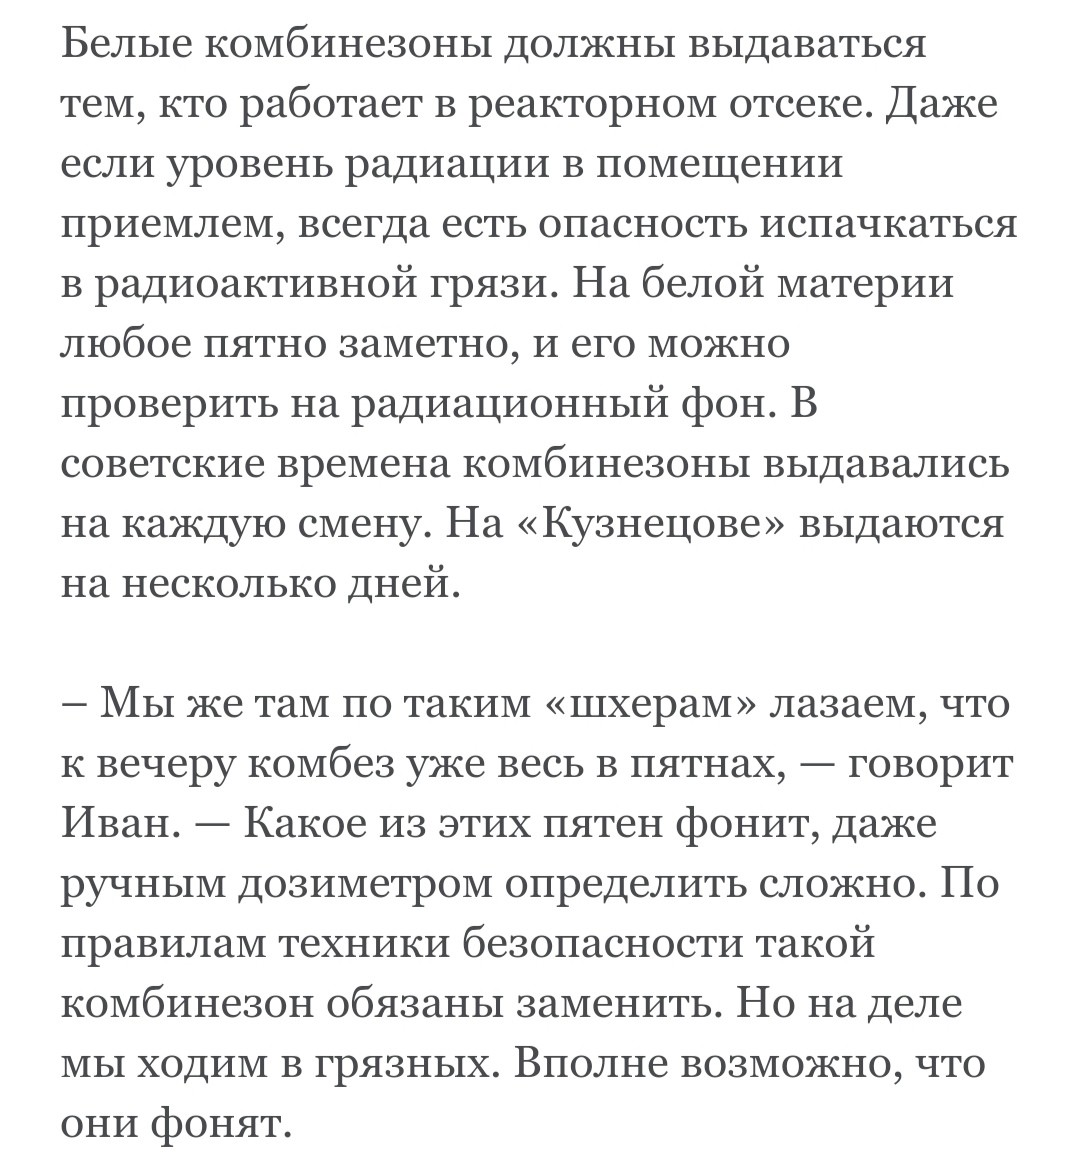 Новая газета - как Марианская впадина российской журналистики